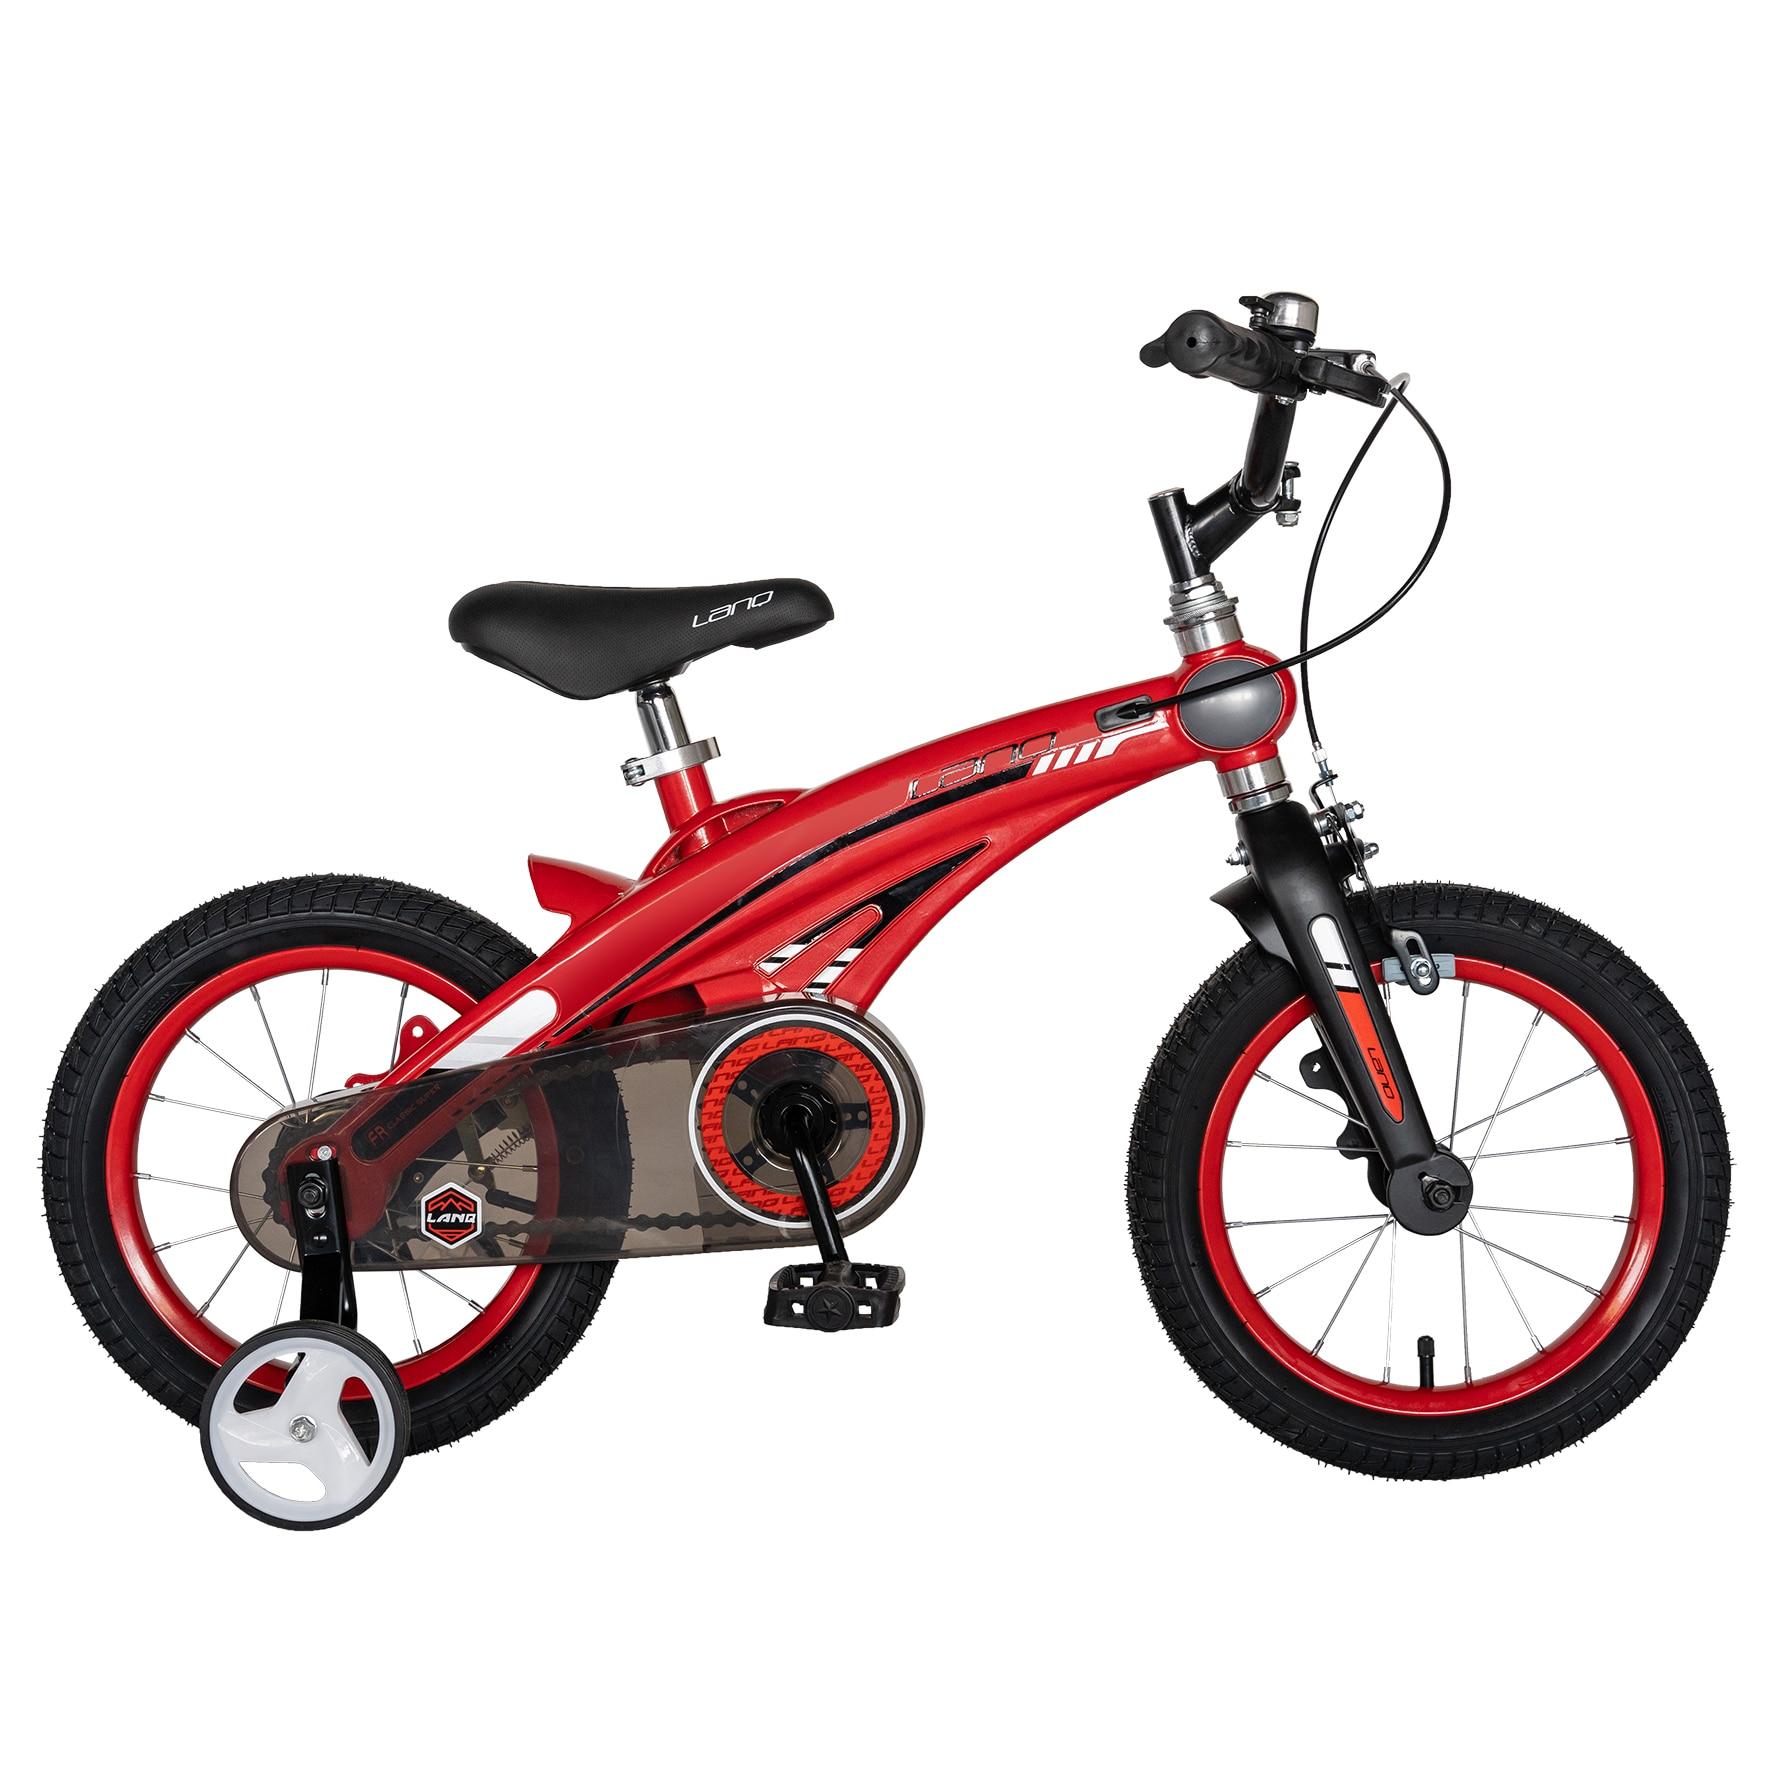 """Fotografie Bicicleta copii Lanq W1439D, roata 14"""", cadru aliaj magneziu, frana C-Brake, roti ajutatoare, 3-5 ani, rosu/negru"""